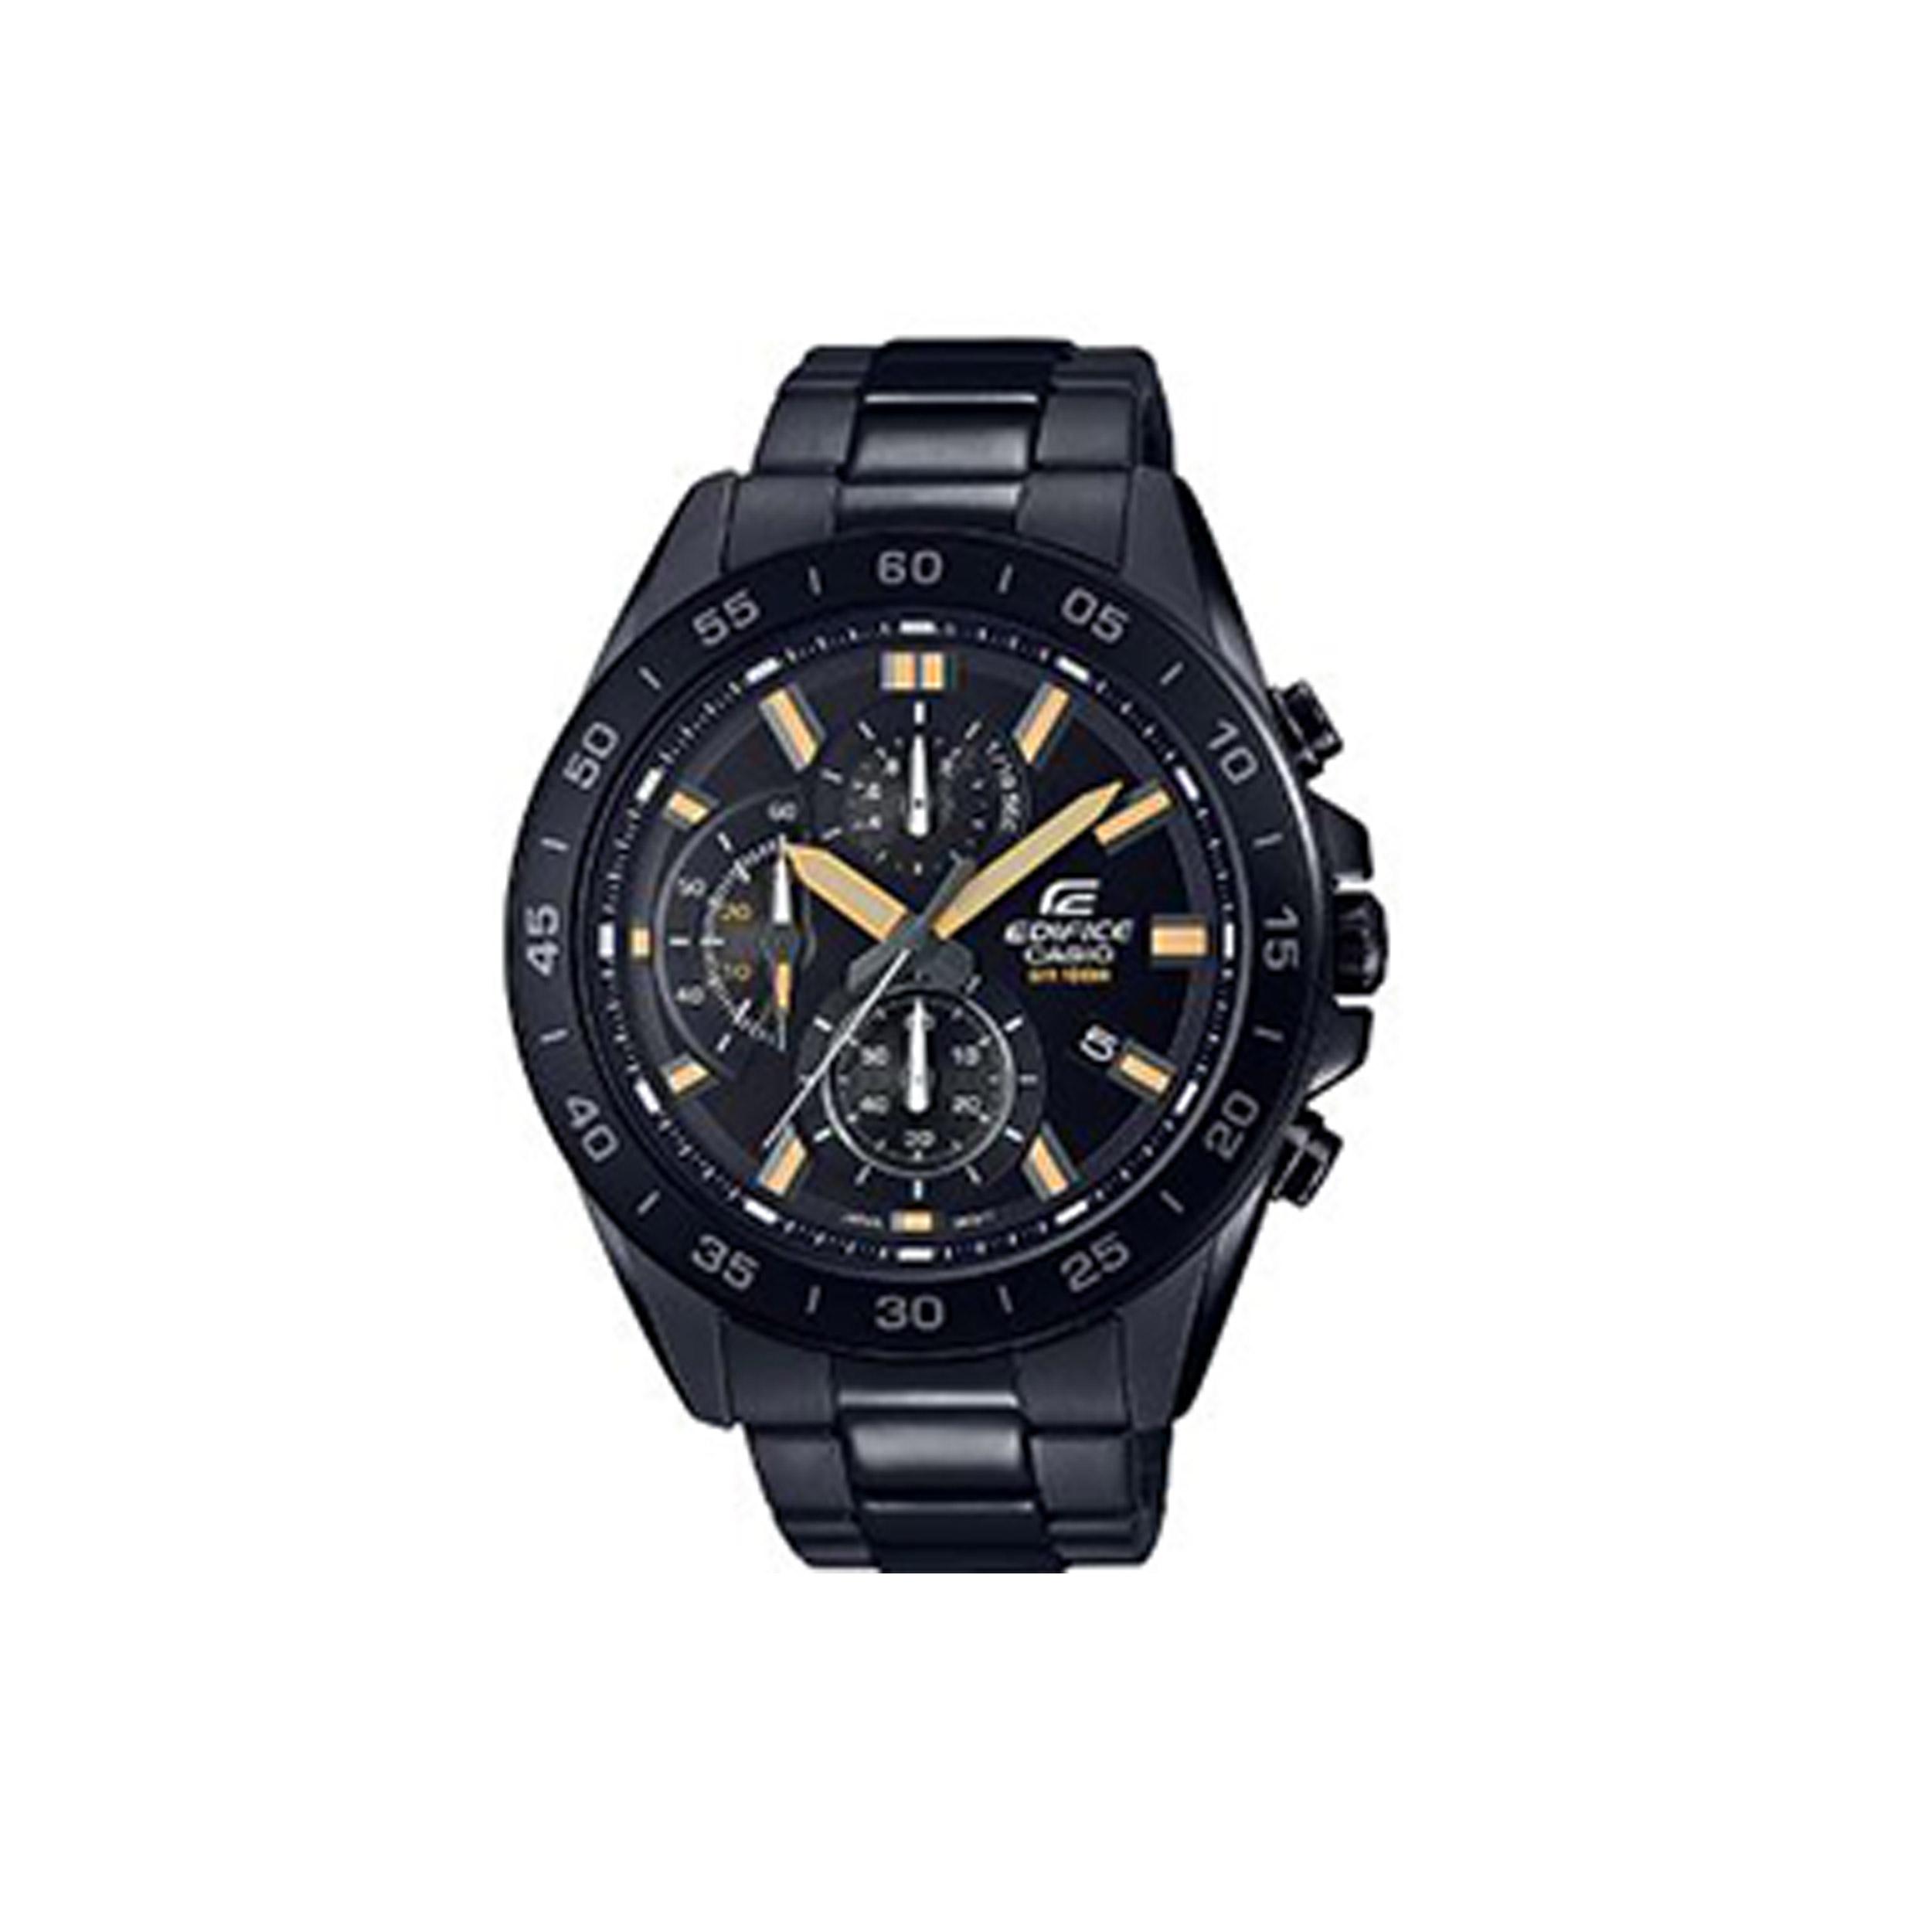 ساعت مچی عقربه ای مردانه کاسیو مدل EFV-550DC-1AVUDF              خرید (⭐️⭐️⭐️)